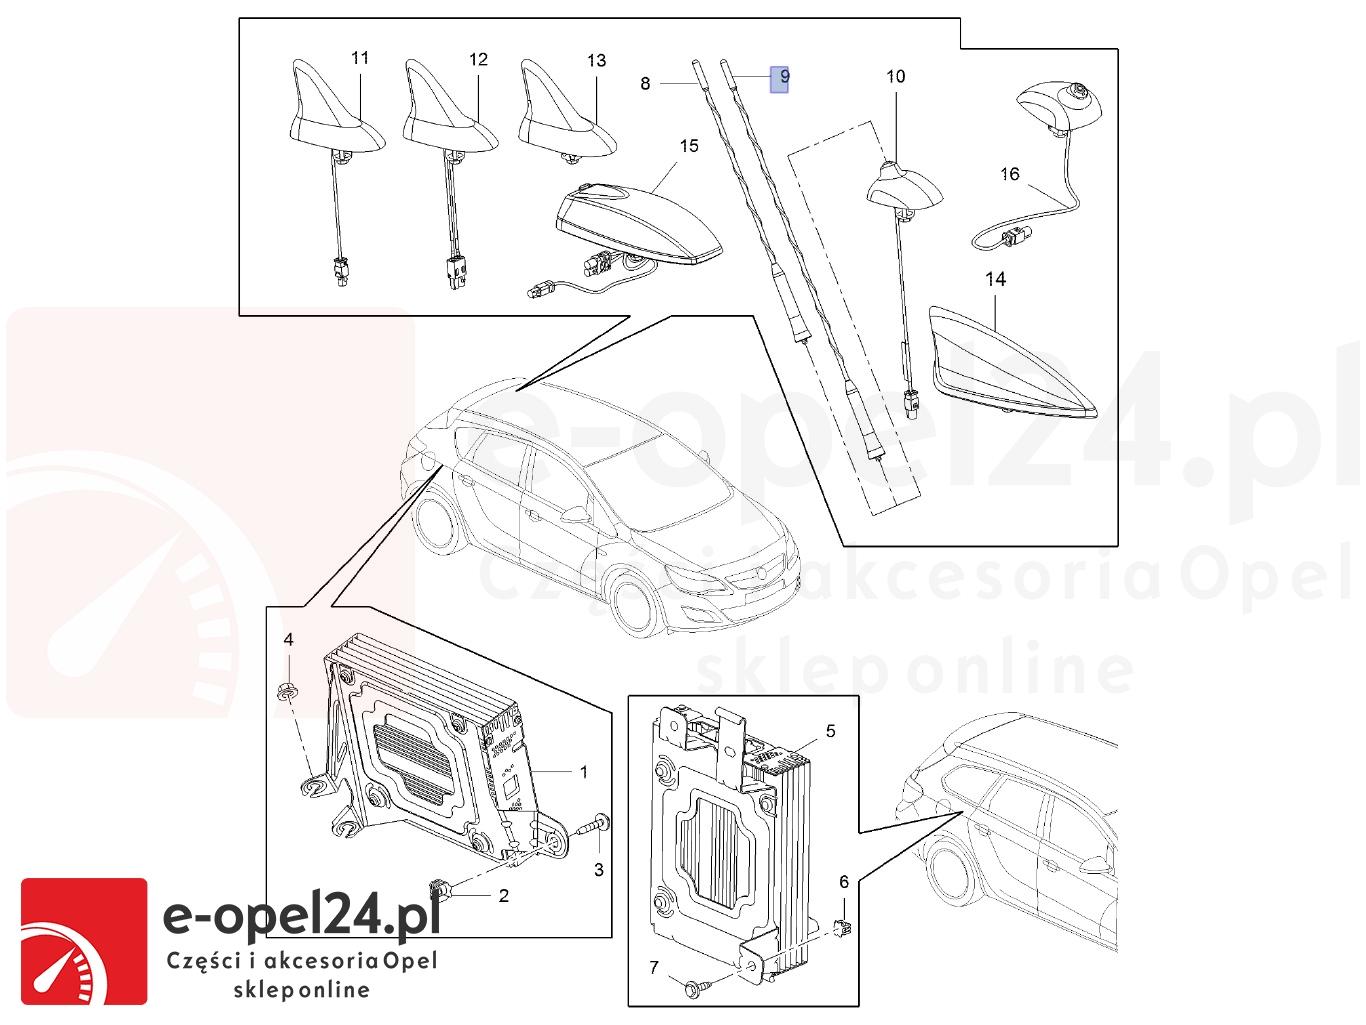 Maszt anteny Opel Astra J 1784029-13288180 - 406mm